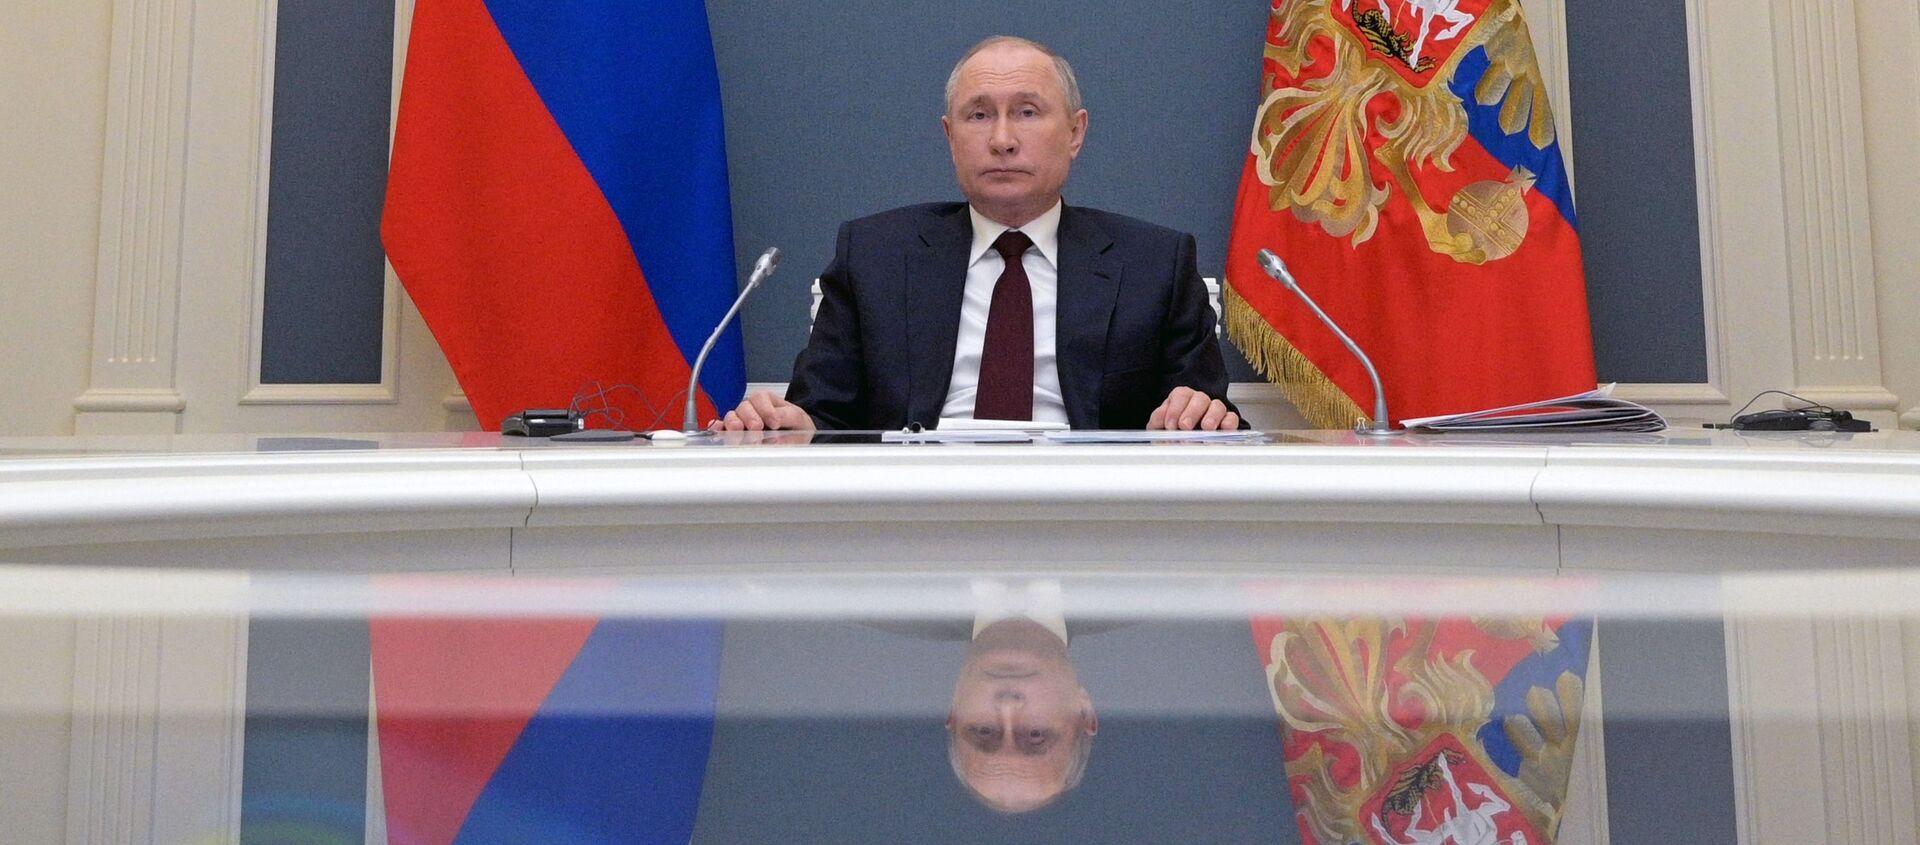 Władimir Putin przemawiam na szczycie klimatycznym - Sputnik Polska, 1920, 22.04.2021